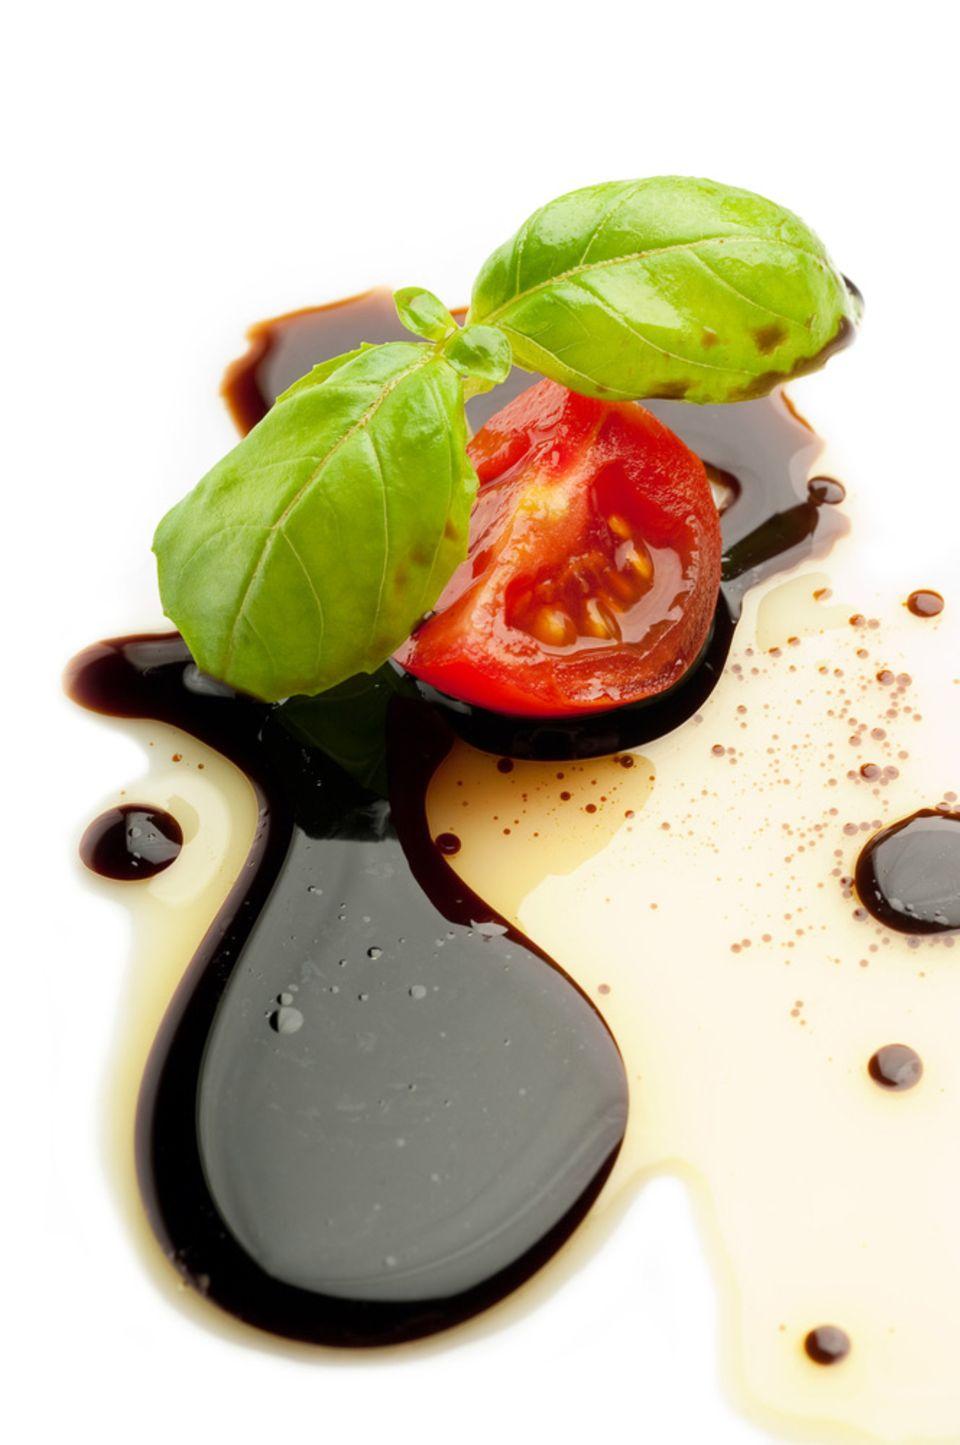 Balsamico Essig ist beliebt in der mediterranen Küche